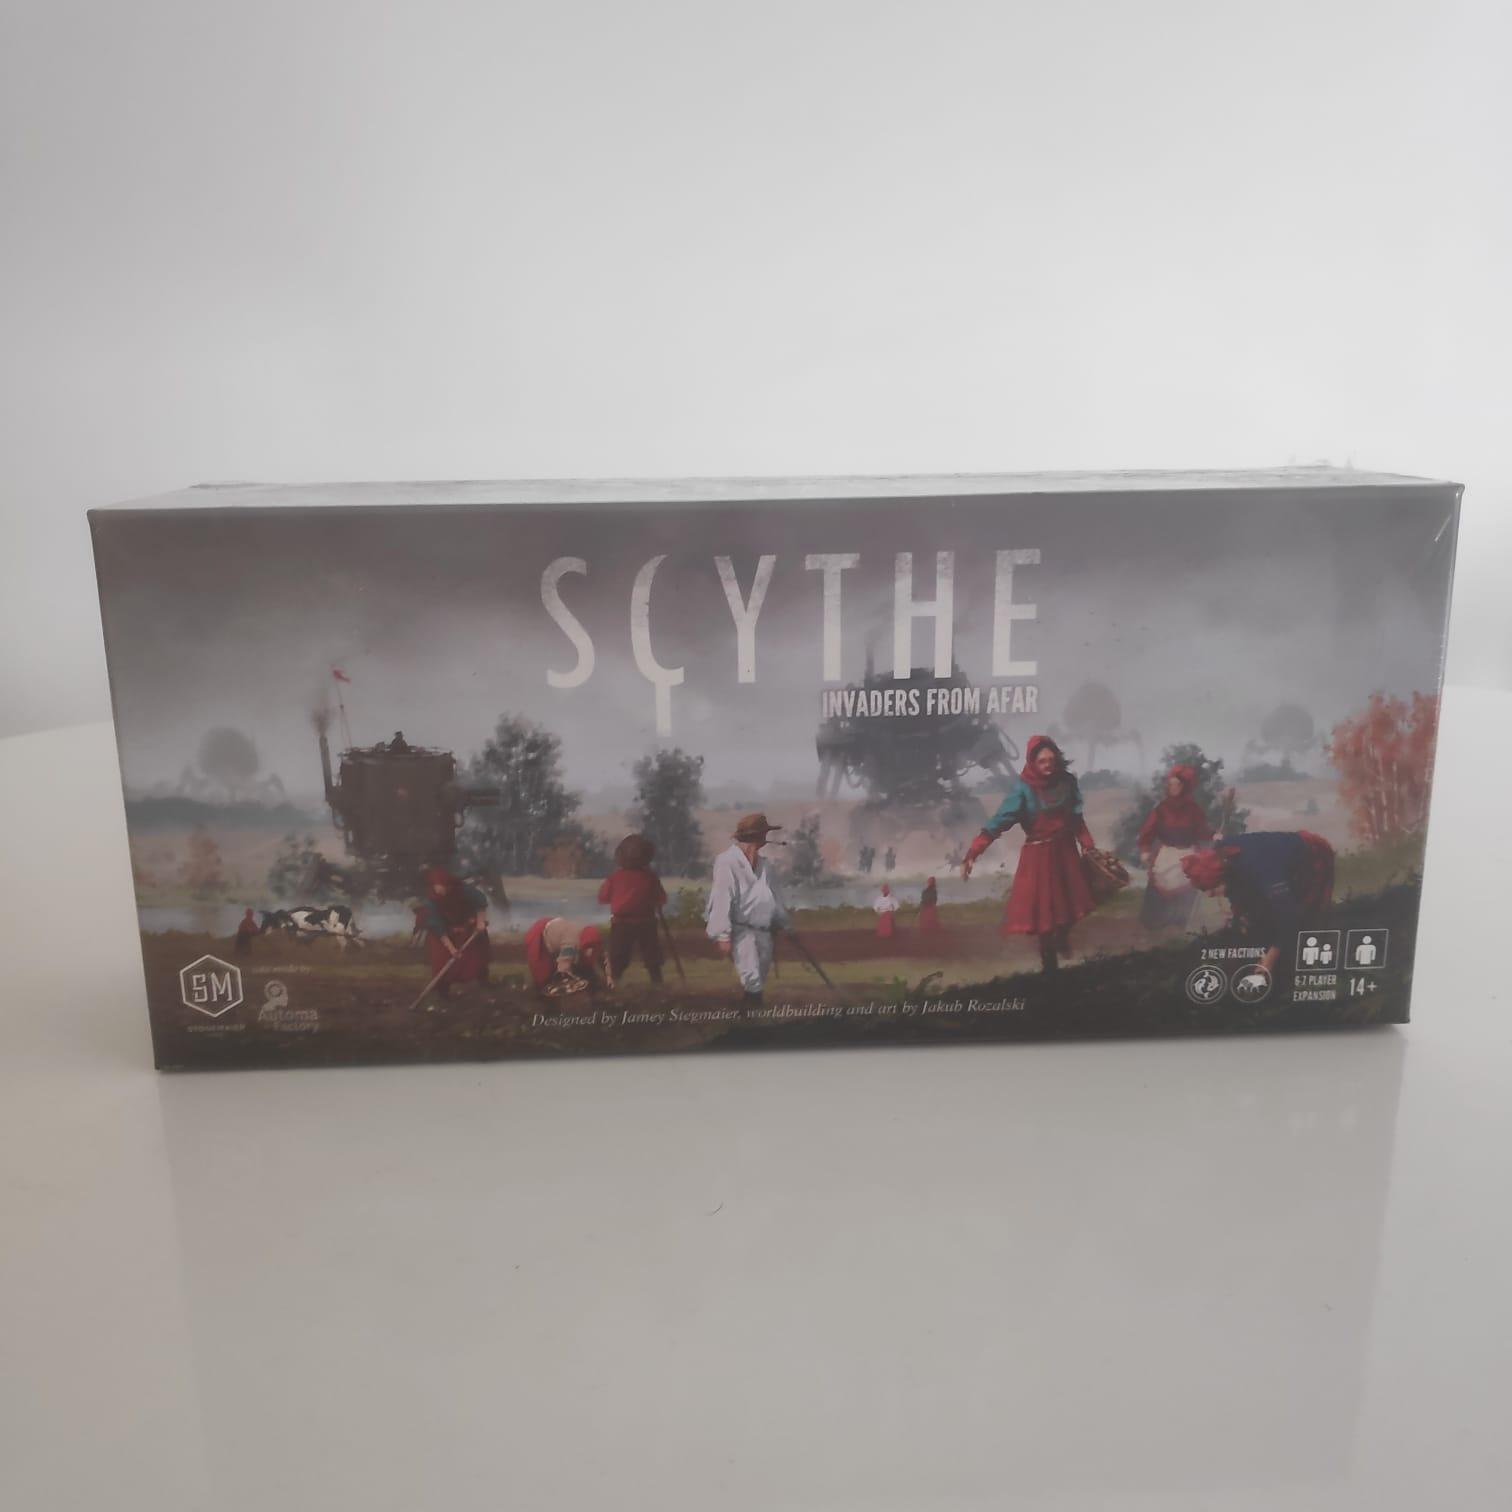 Scythe: Invaders From Afar - BAZAR DOS ALQUIMISTAS